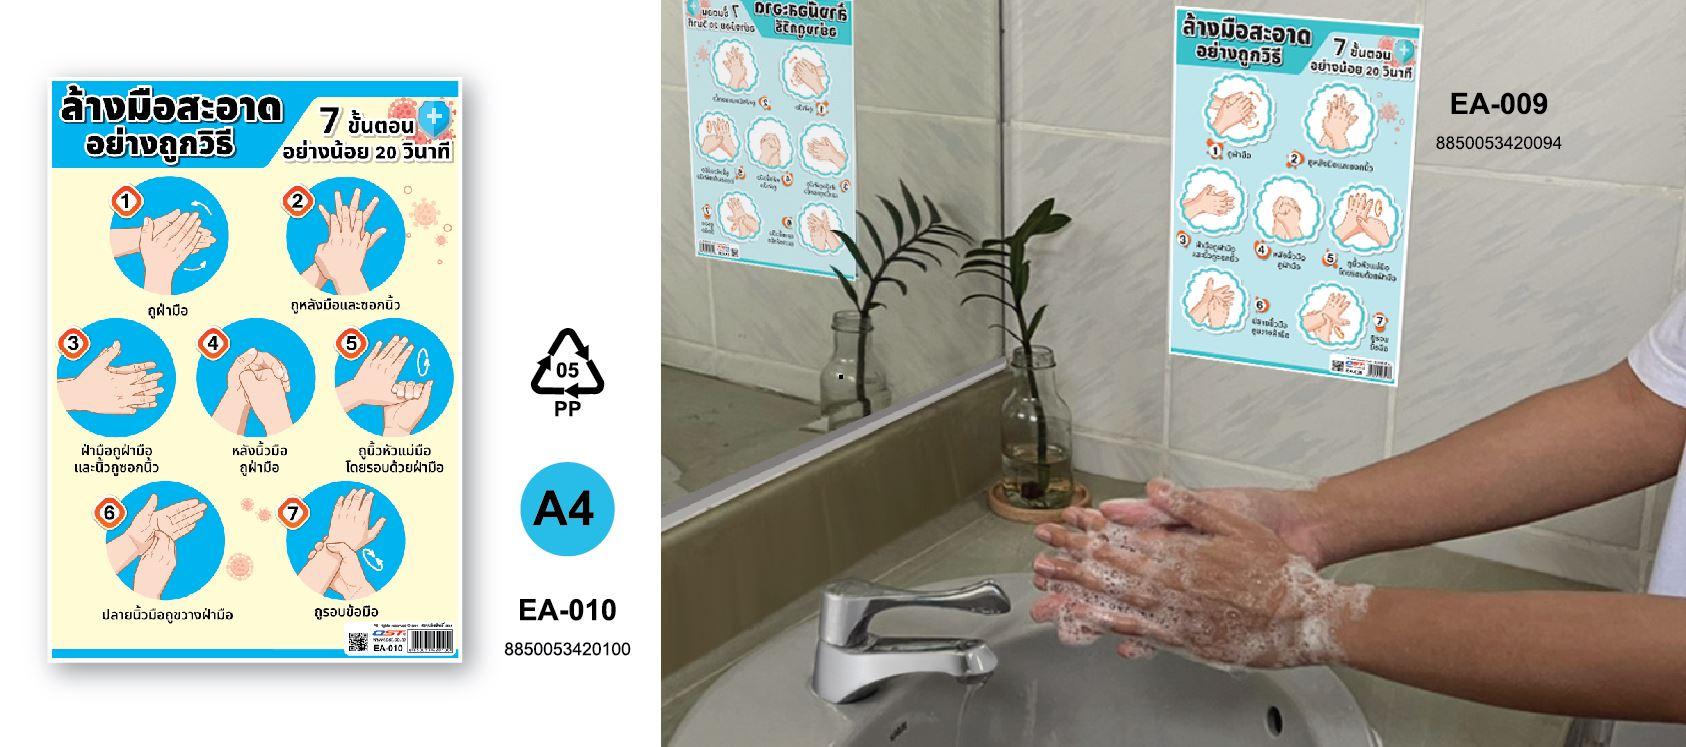 ล้างมือสะอาดอย่างถูกวิธี